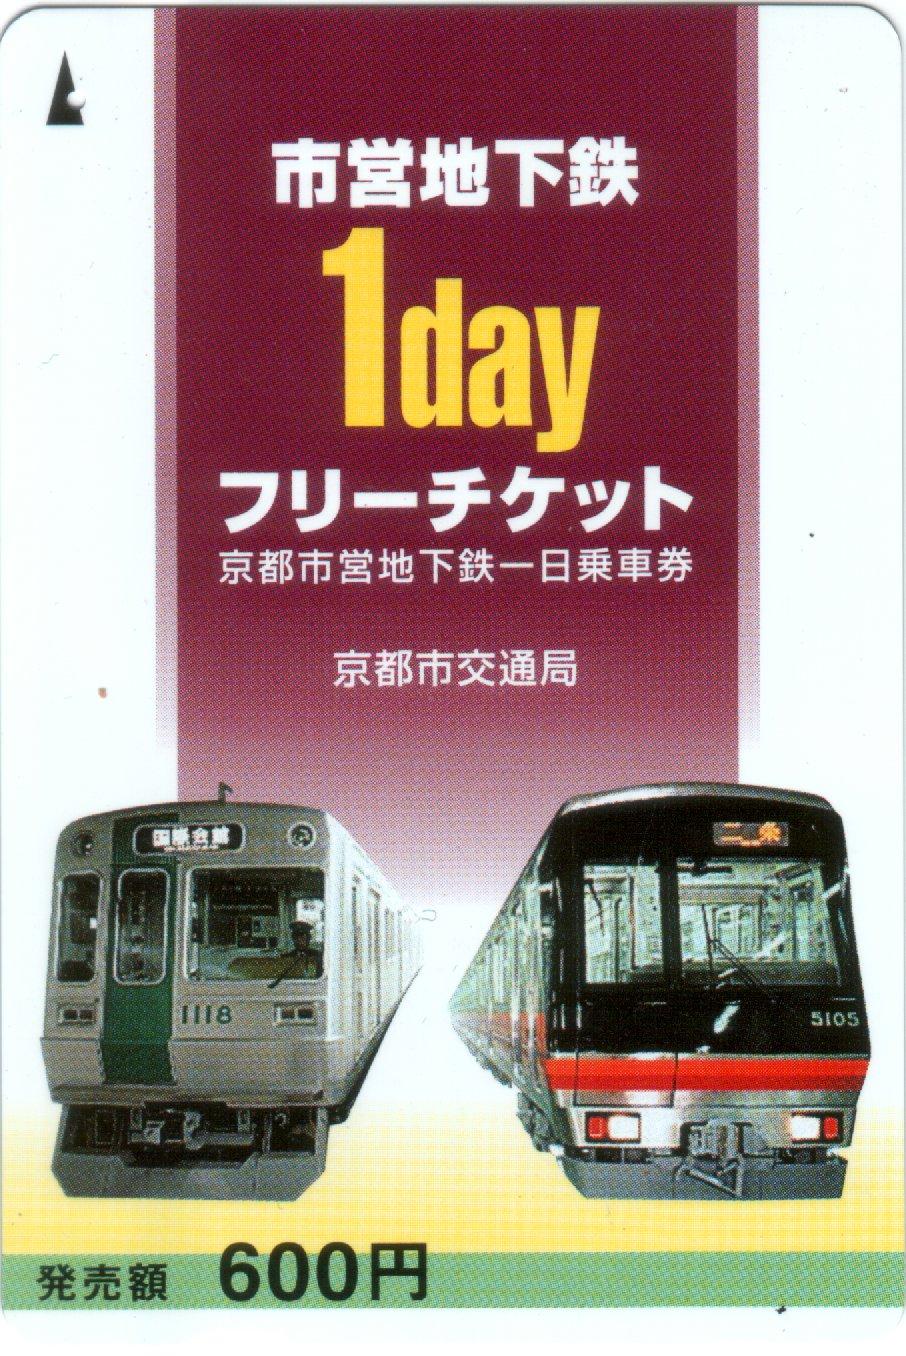 Kyoto Municipal Transportation Bureau One-day pass